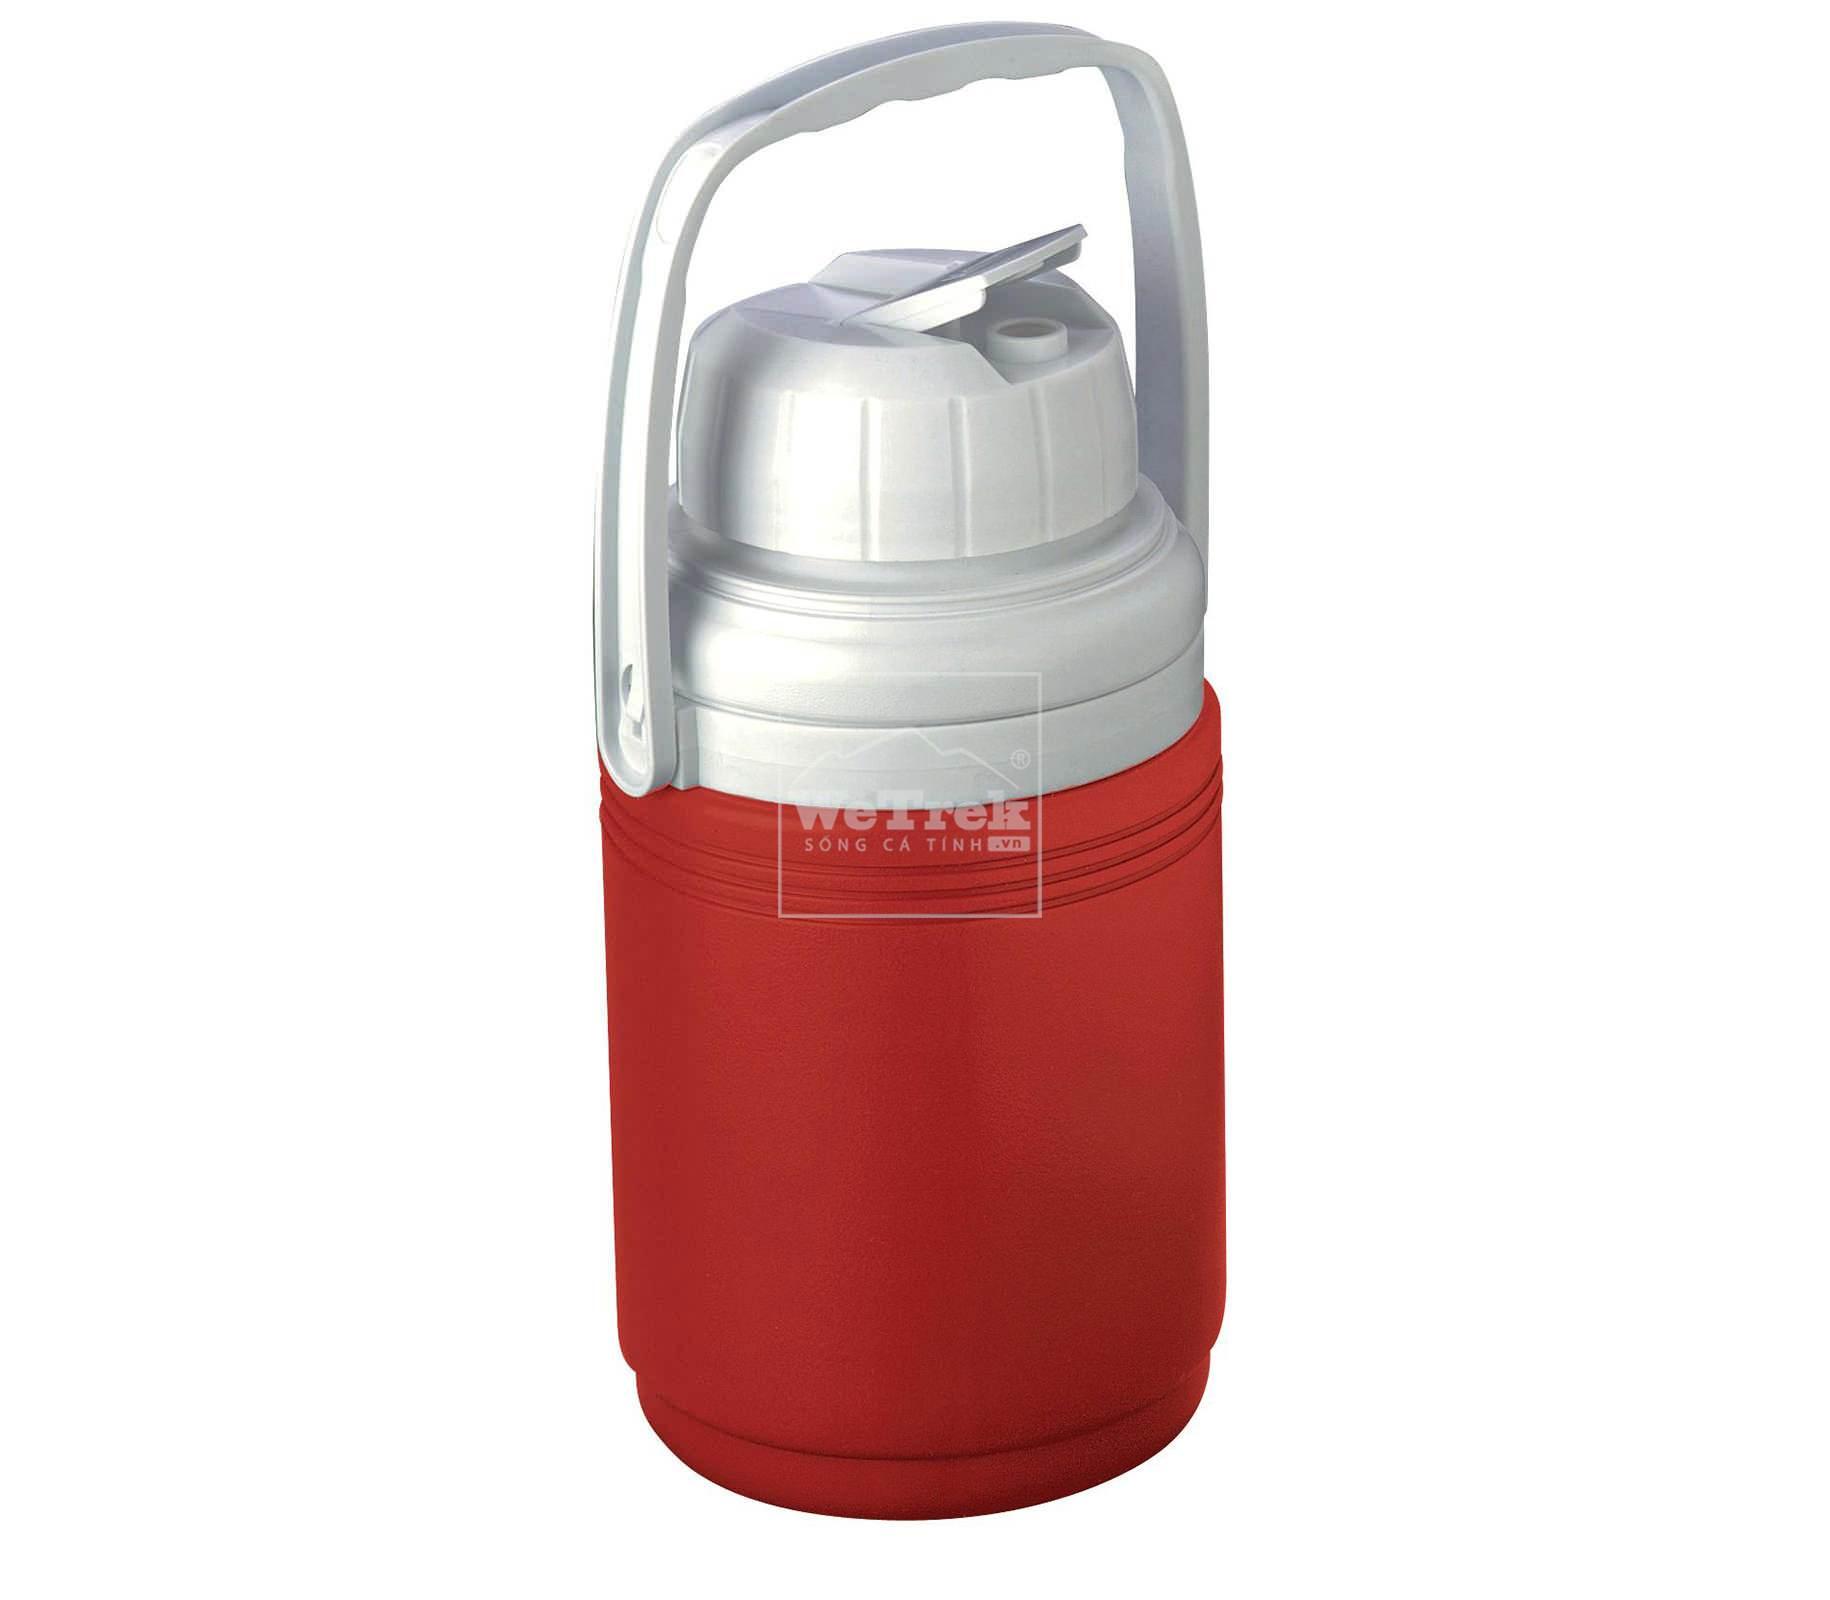 Bình giữ nhiệt Coleman 5542B763G - 1.2L - Đỏ